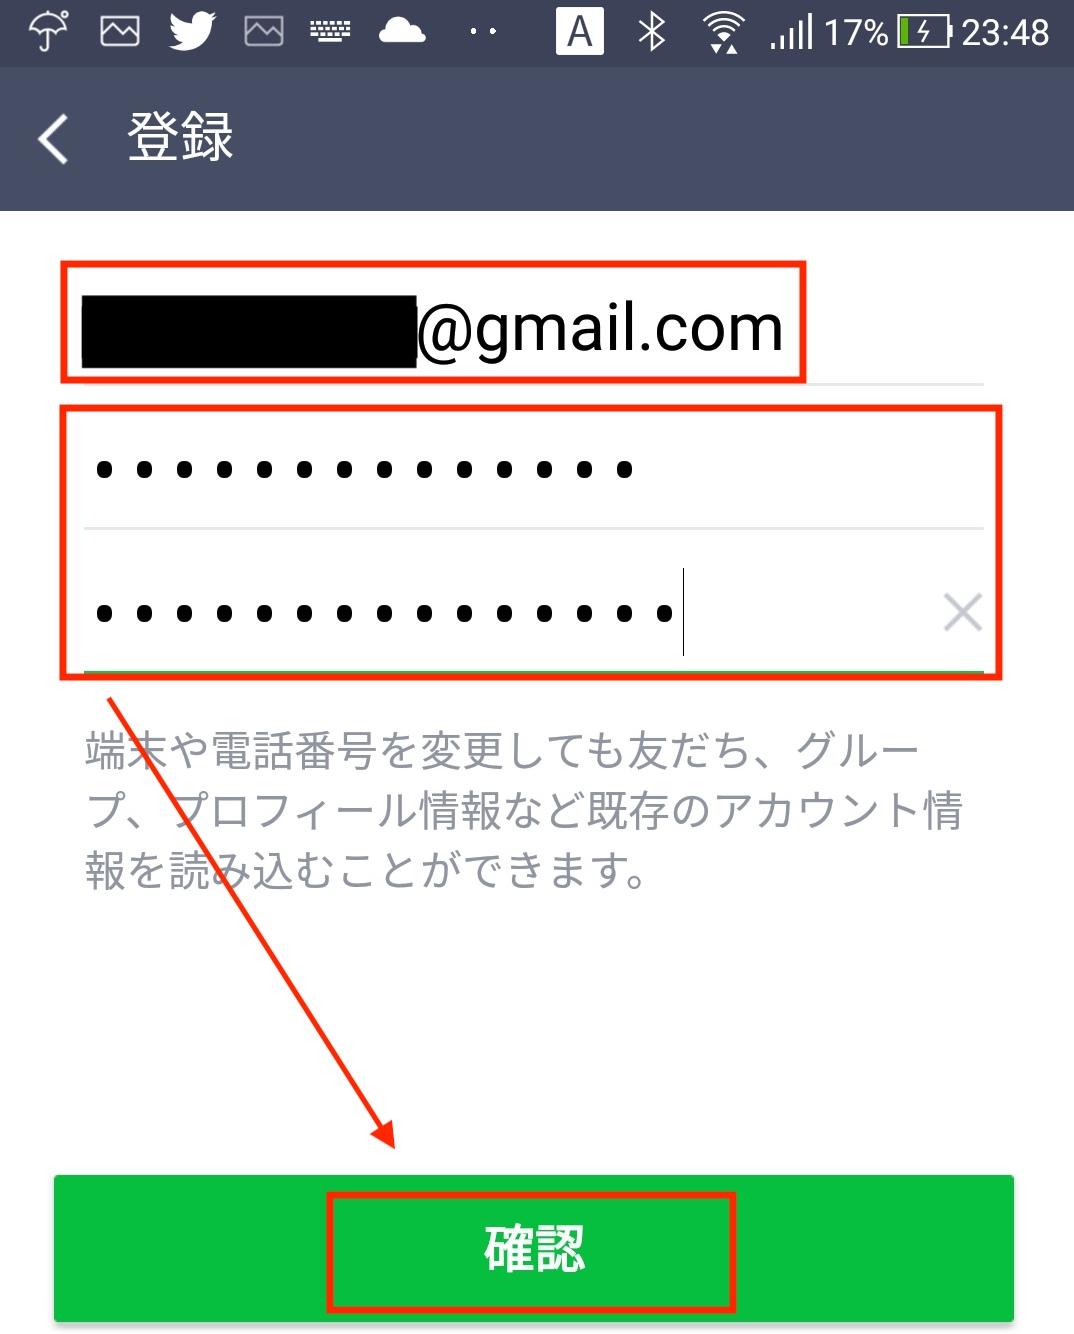 メールアドレスとパスワードの入力